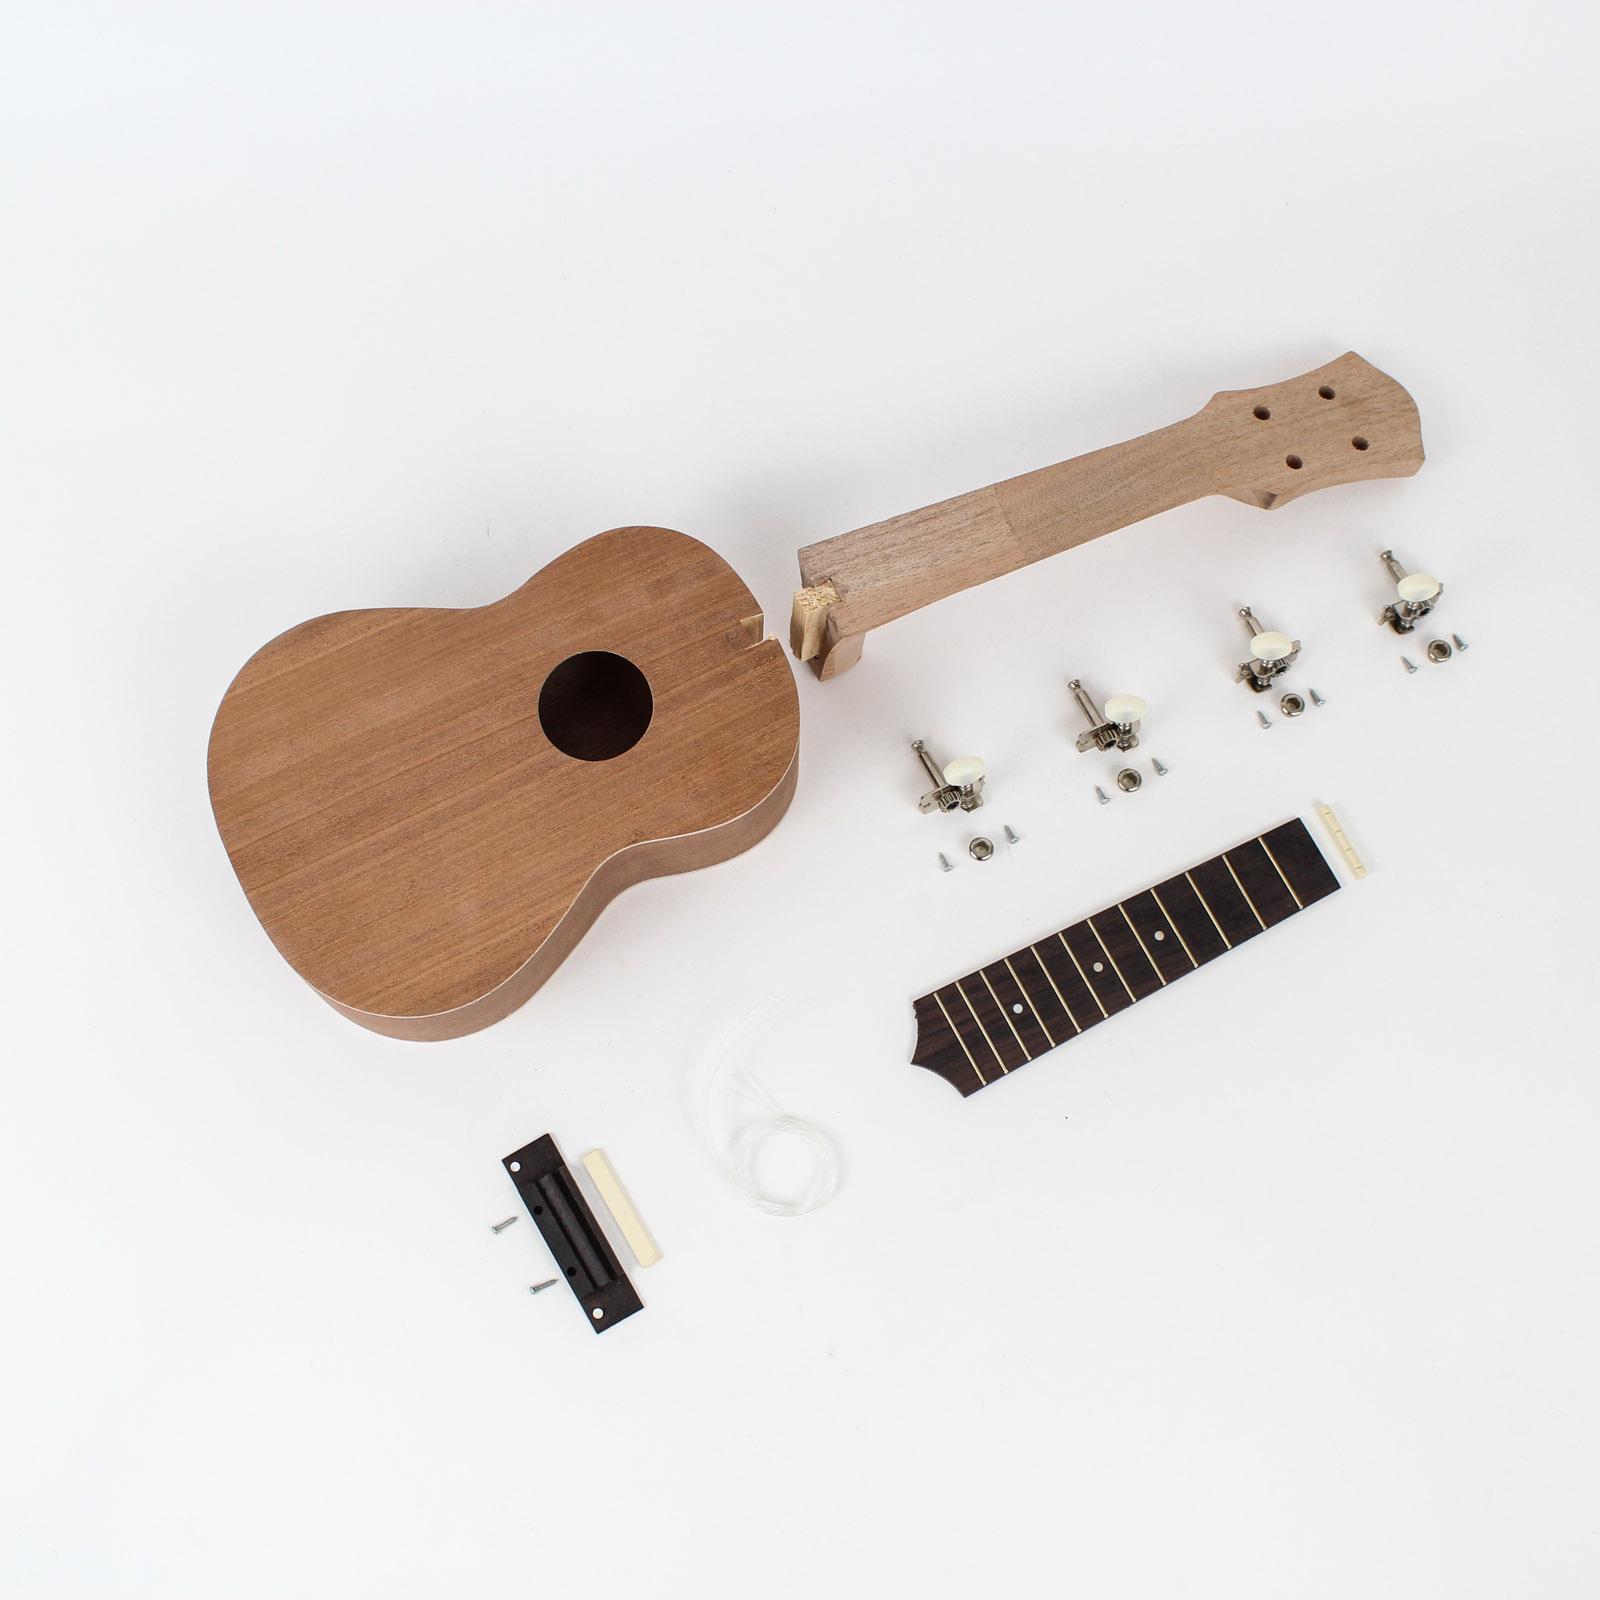 Ukulele kits diy guitars ukulele kit mahogany body 7900 diy ukulele kit solutioingenieria Images